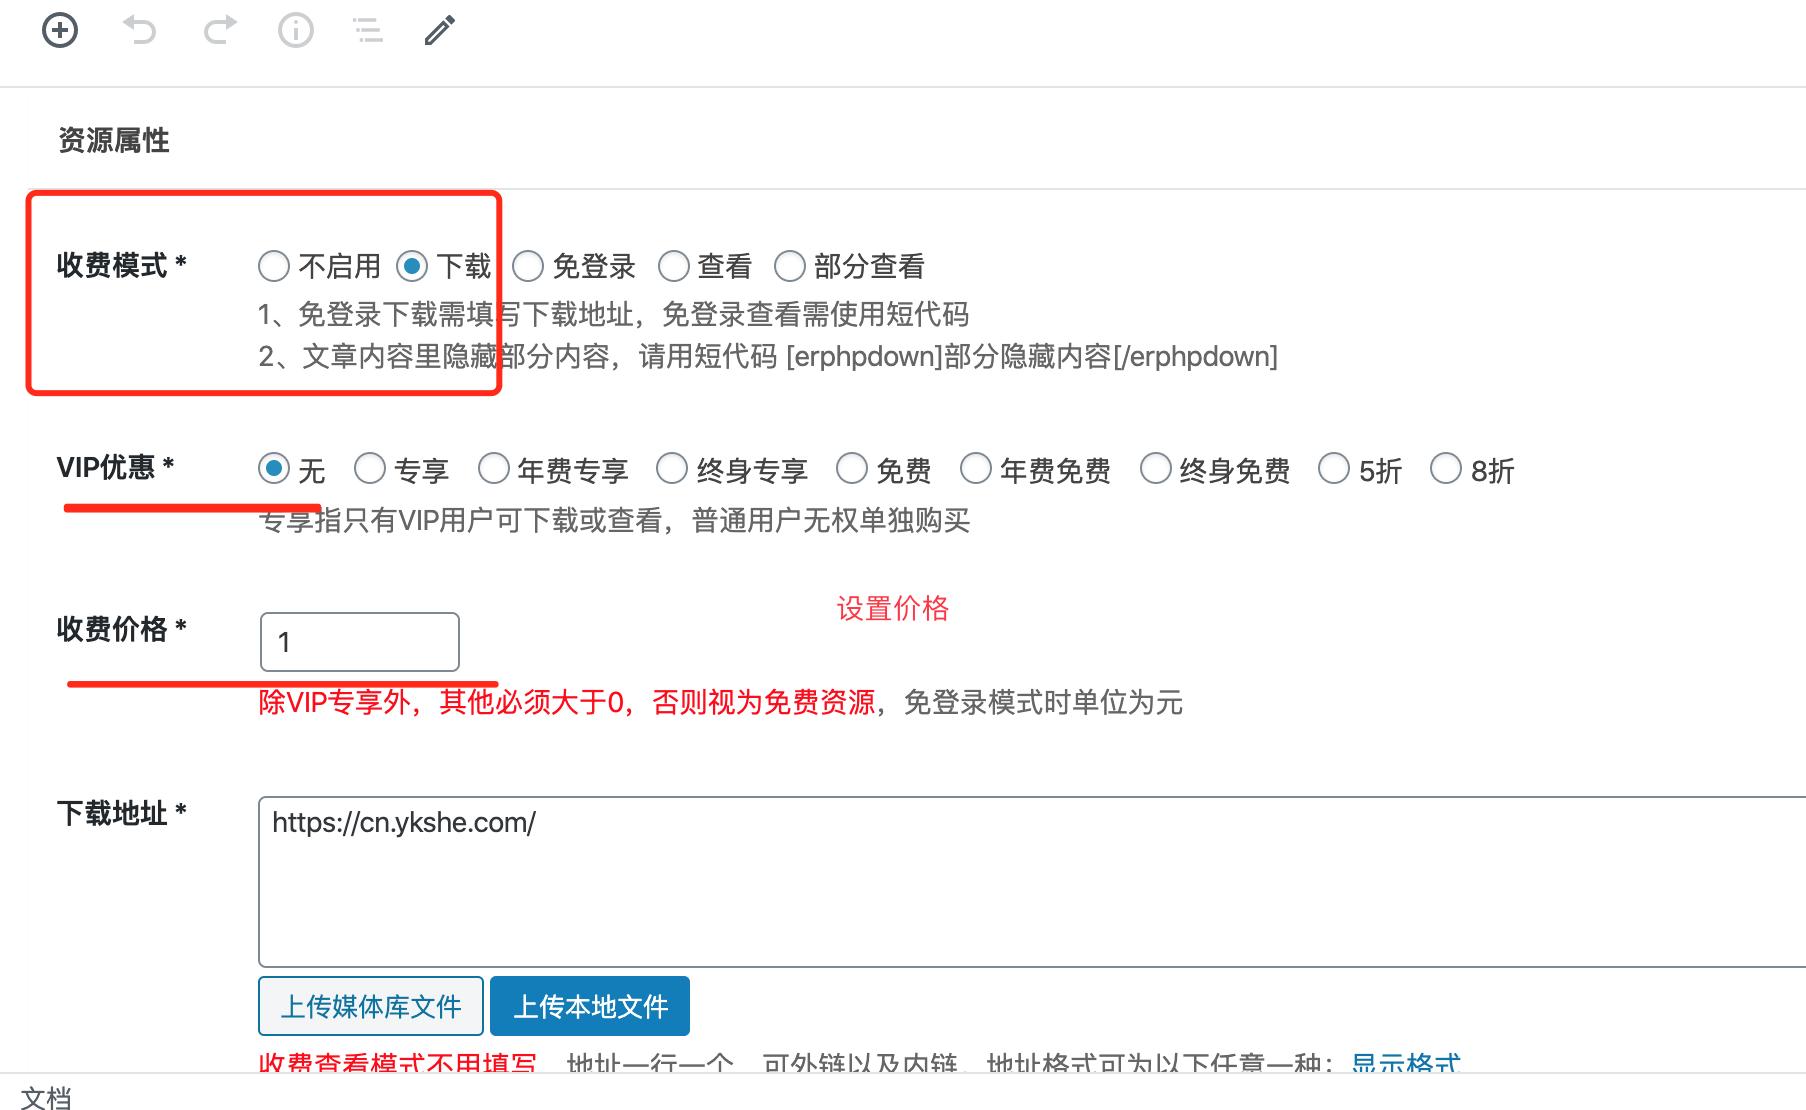 YK社中文站点原创投稿与说明